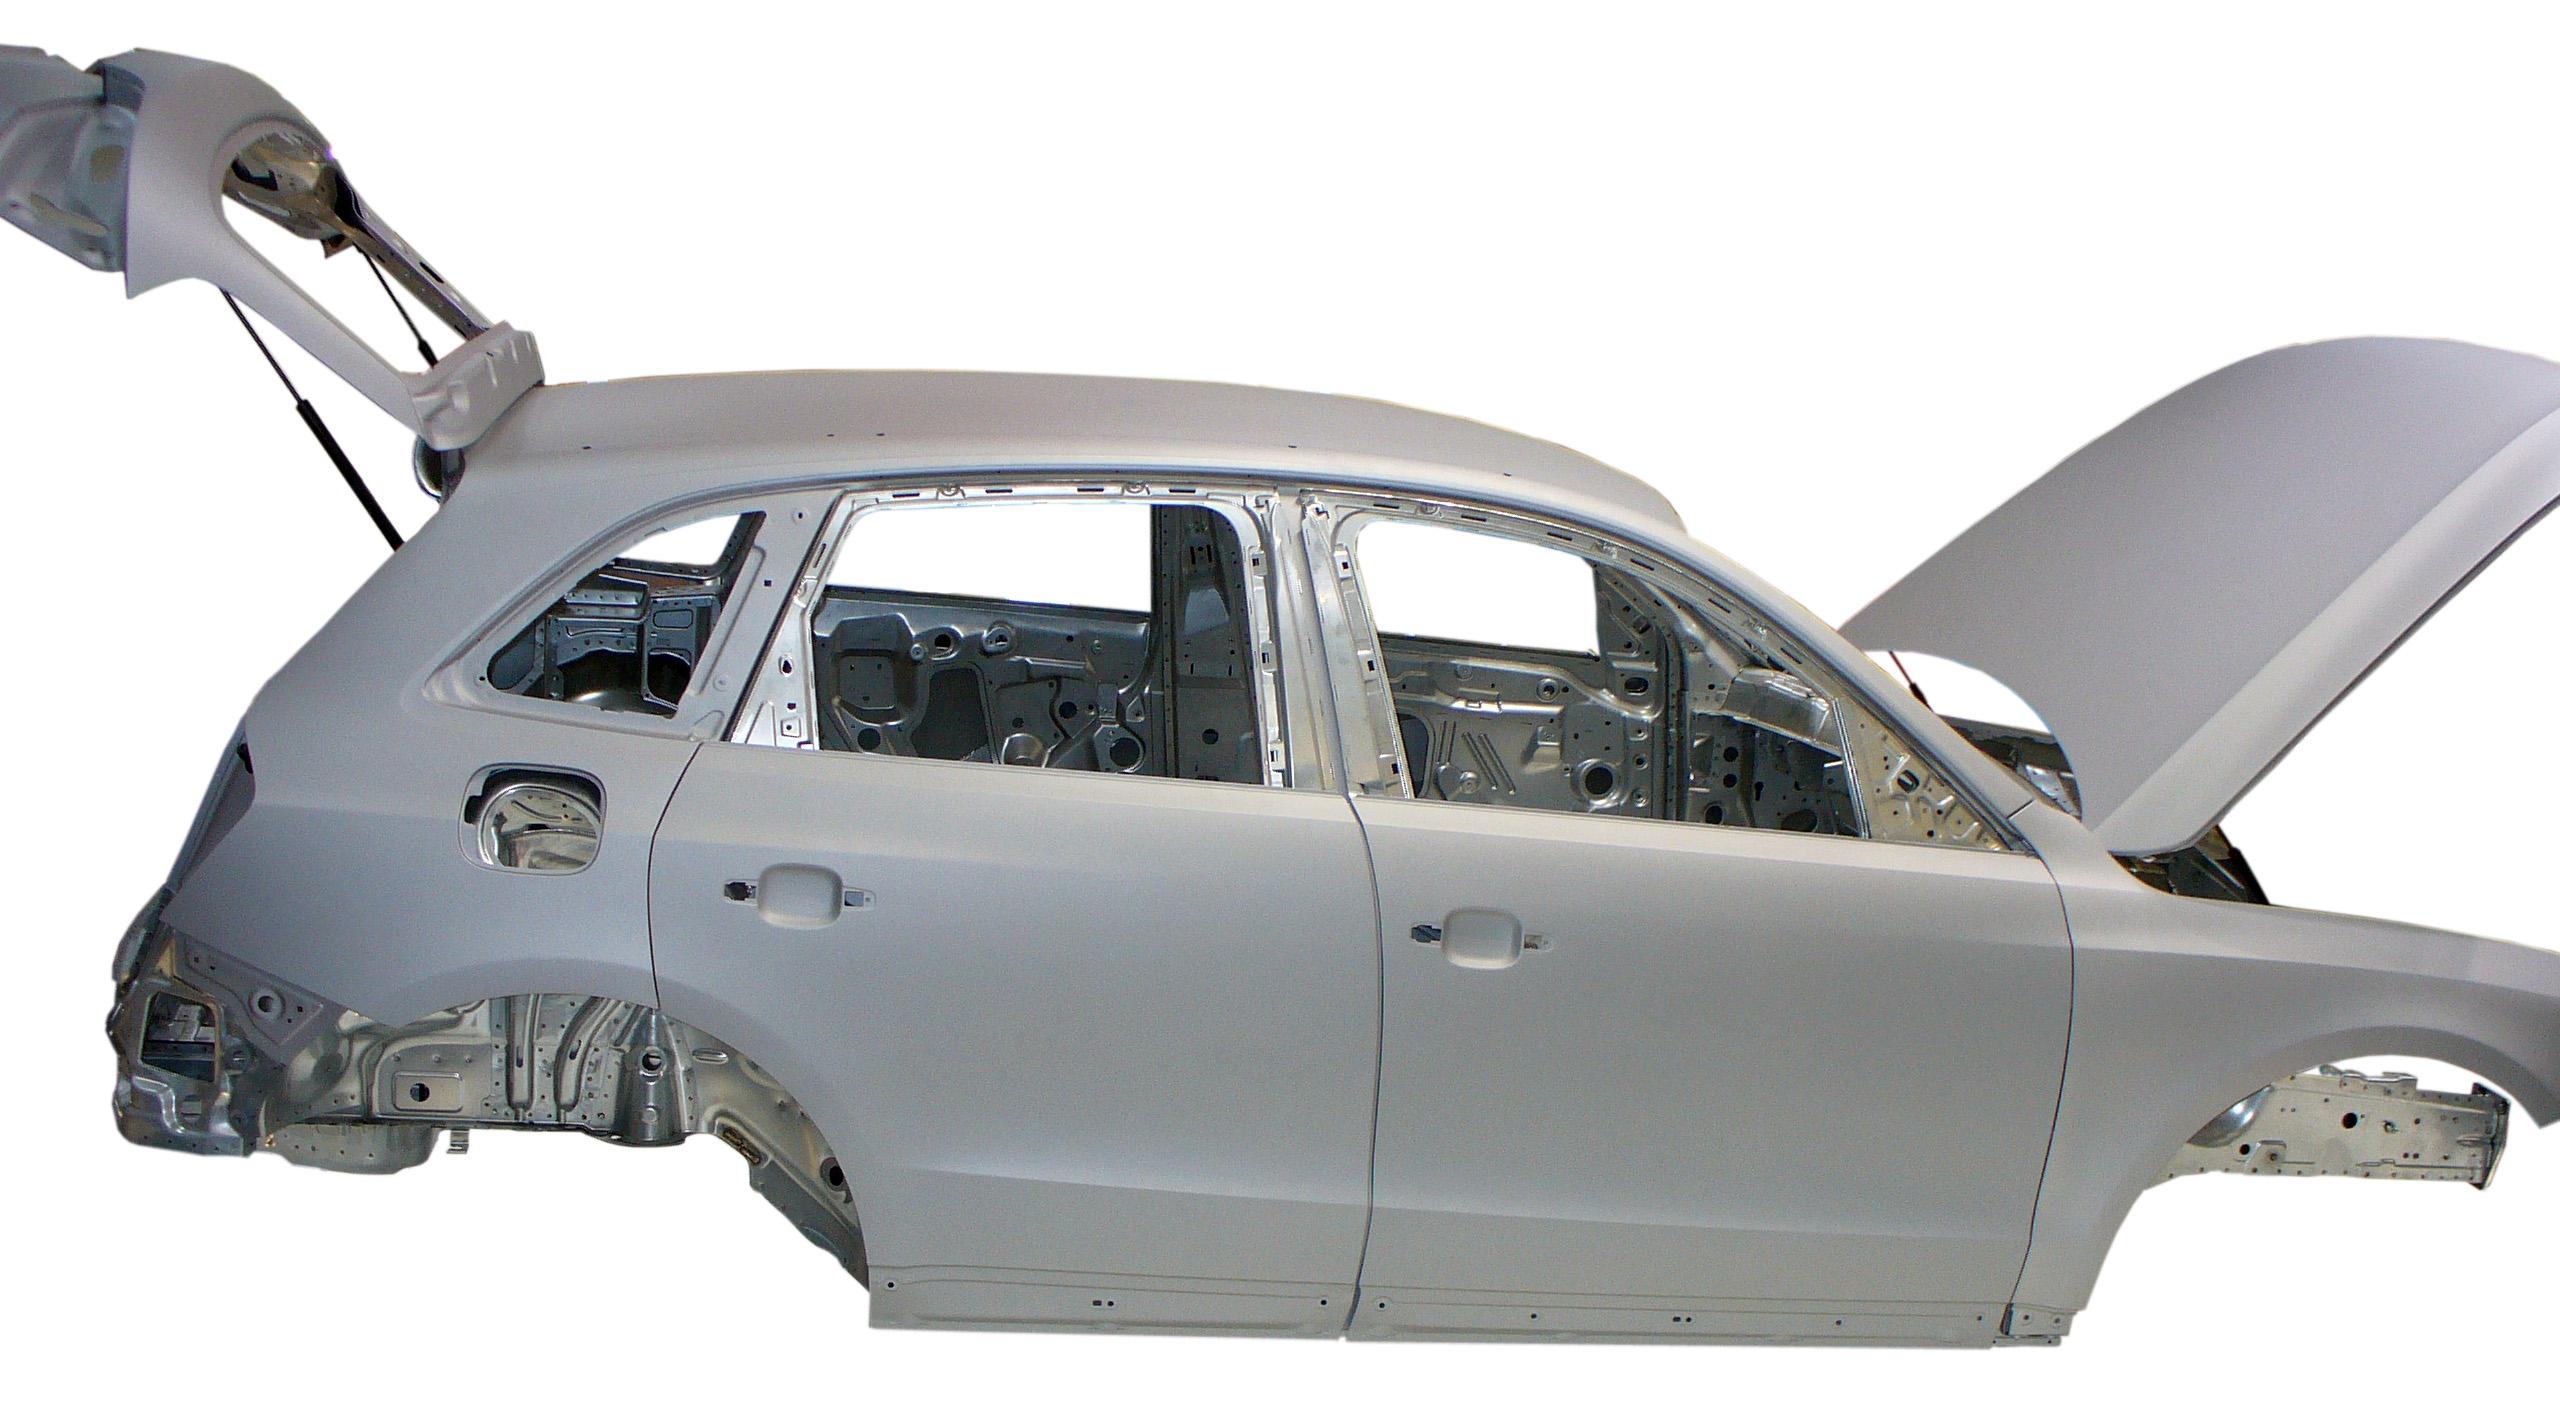 Blick auf die Rohkarosserie eines Audi Q5 von 2012 von der Beifahrerseite aus